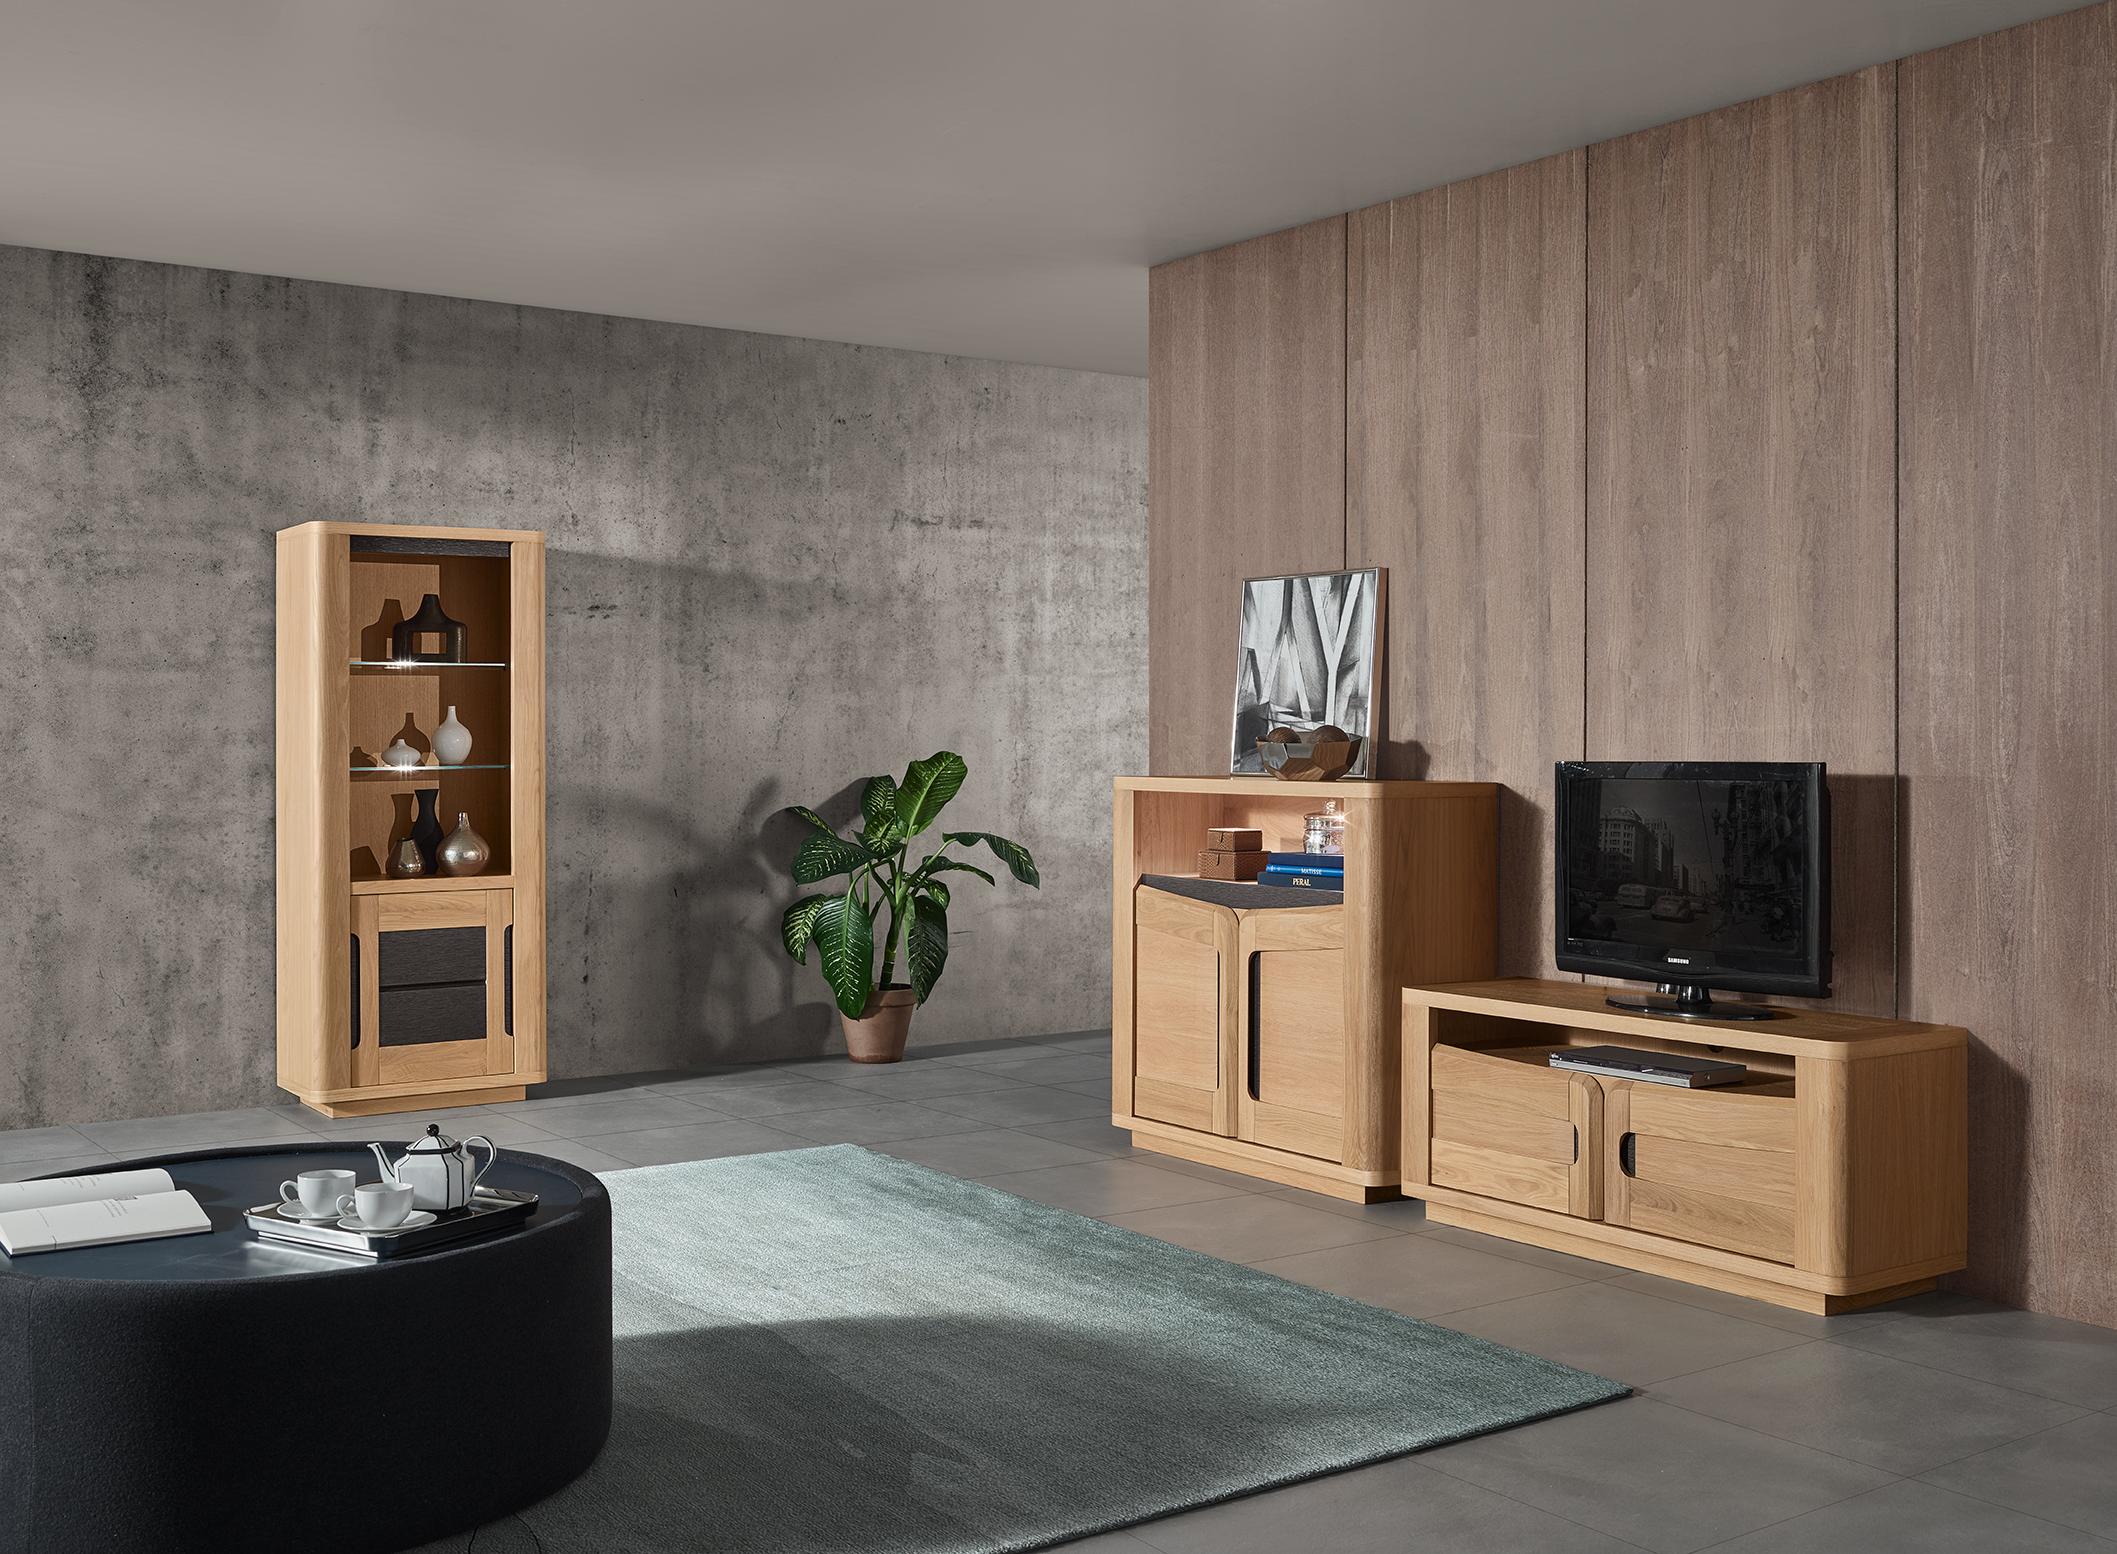 sejour bella bois ch ne beige c ramique cacio meubles. Black Bedroom Furniture Sets. Home Design Ideas